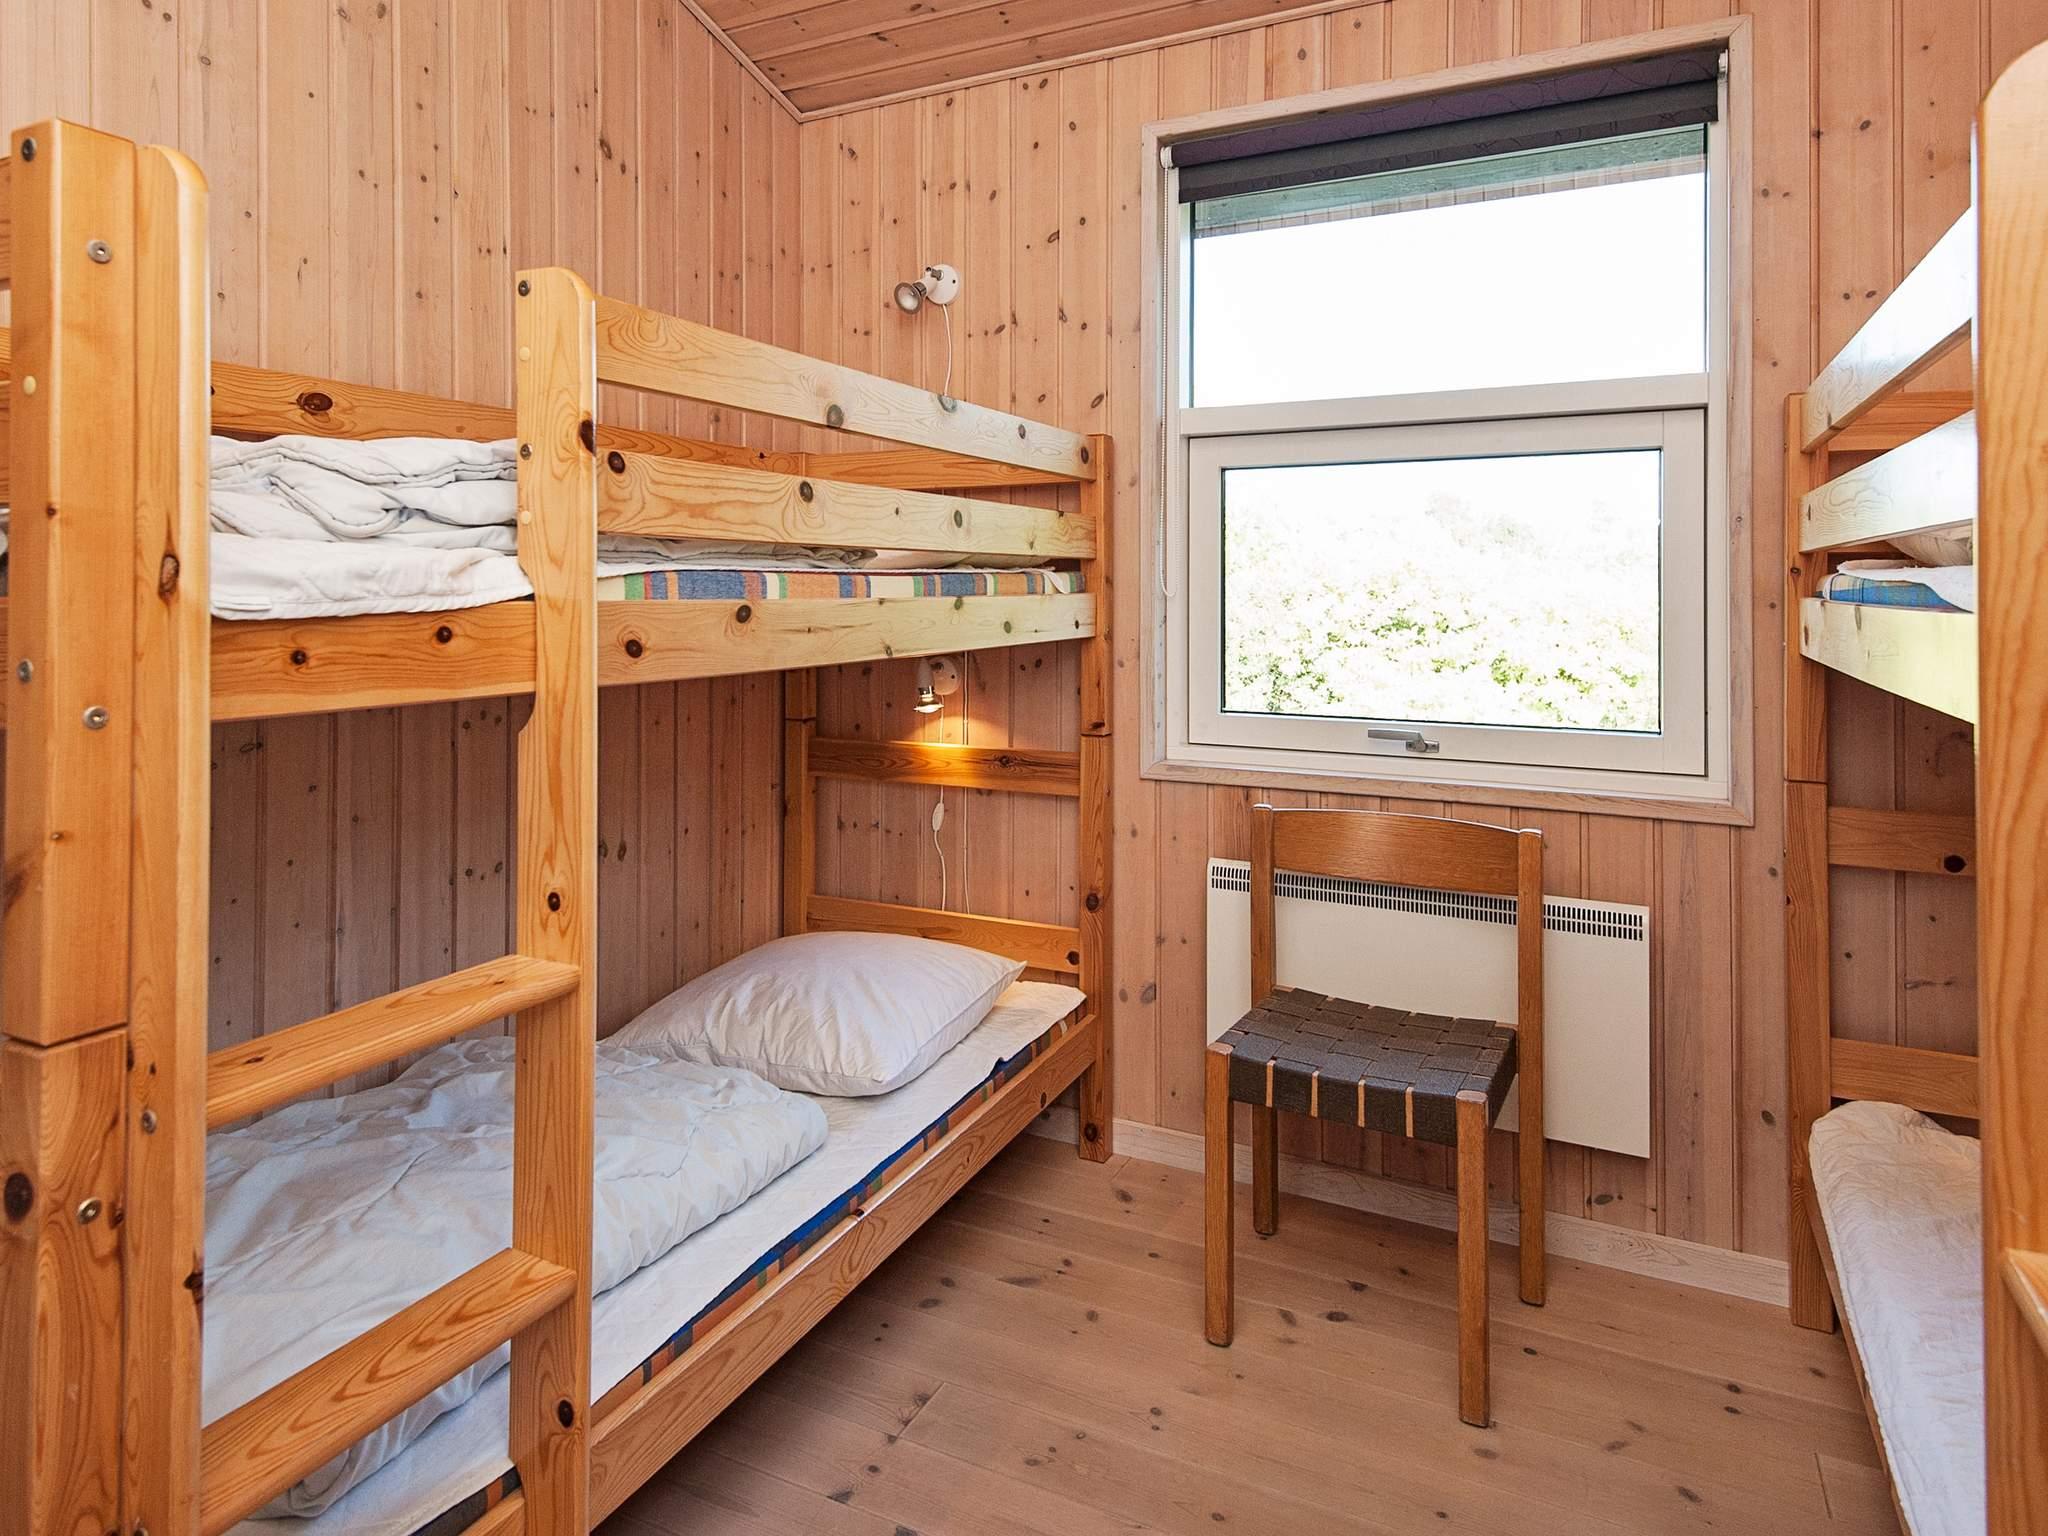 Ferienhaus Skovgårde (2001070), Allingåbro, , Ostjütland, Dänemark, Bild 9